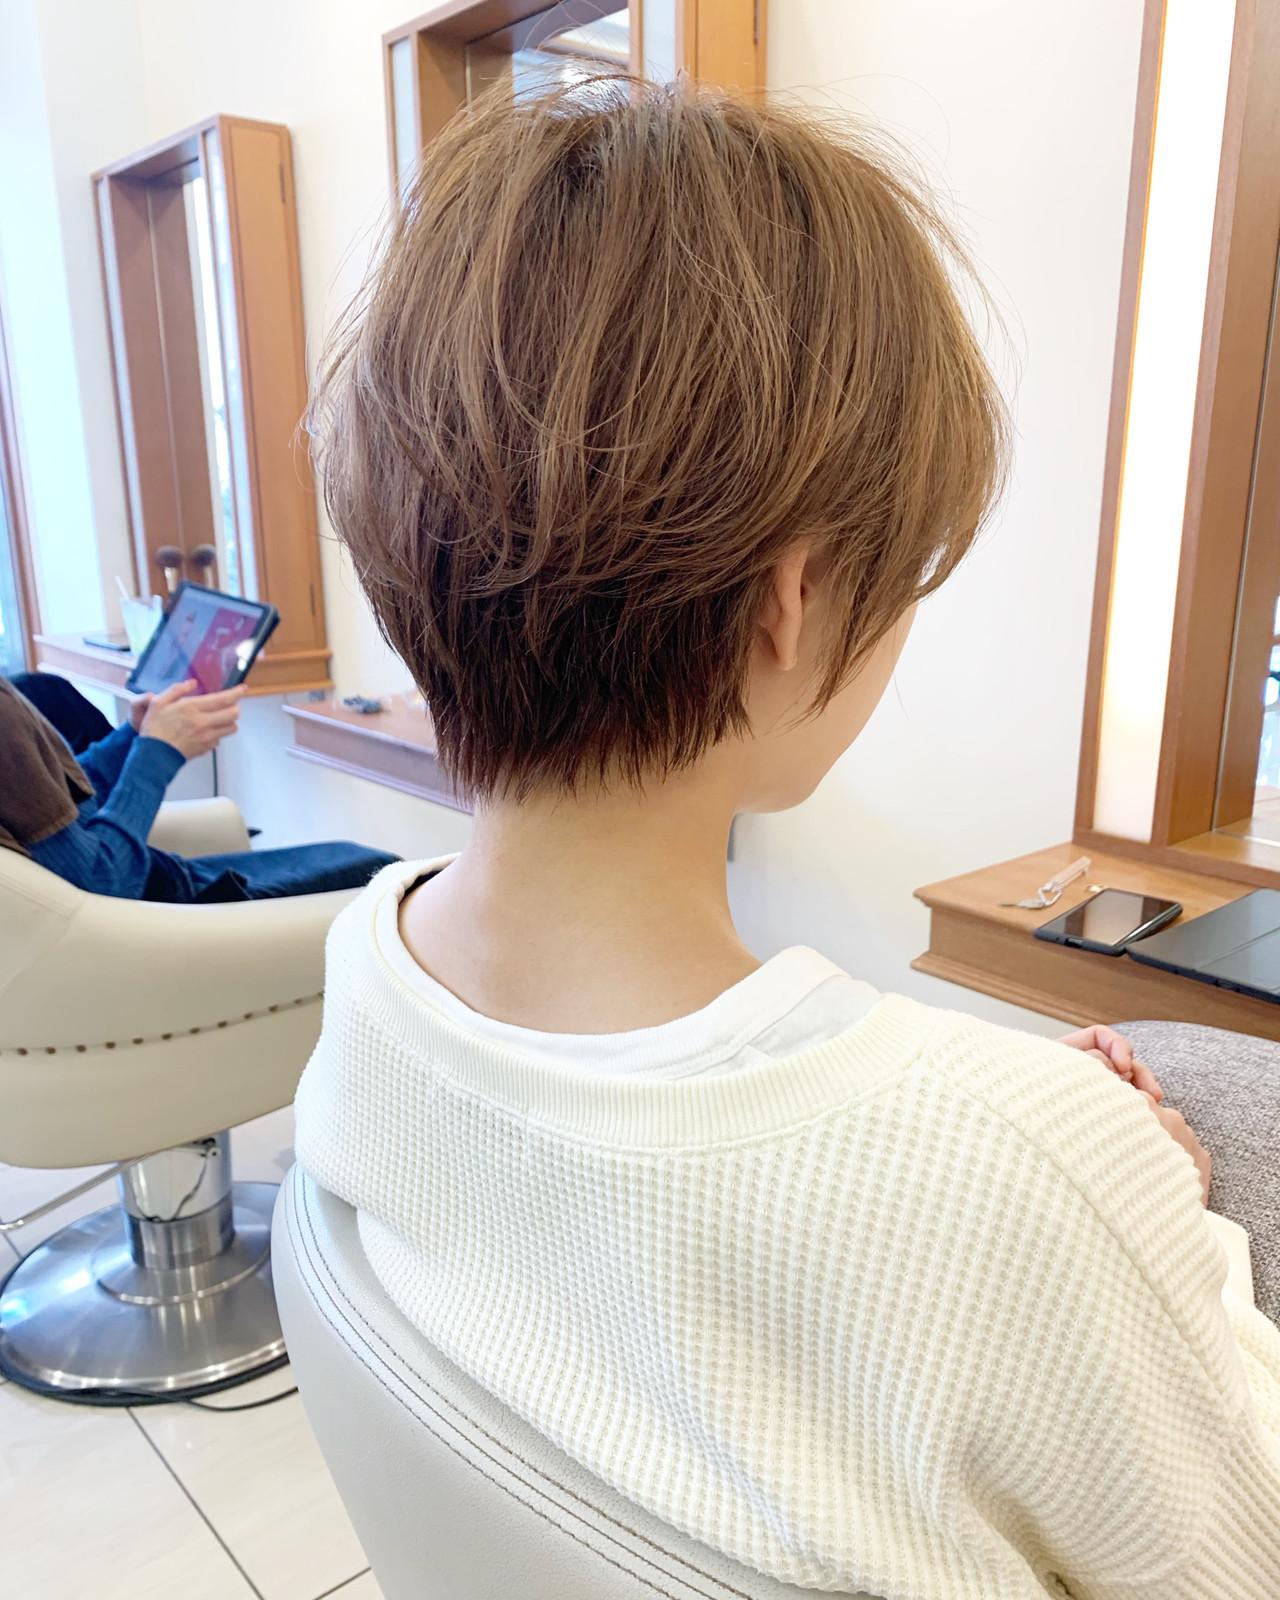 ナチュラル ショート 小顔ショート ショートヘア ヘアスタイルや髪型の写真・画像 | 【つくば美容師】ショートヘア愛好家/矢崎 翔太 / ジールサロン